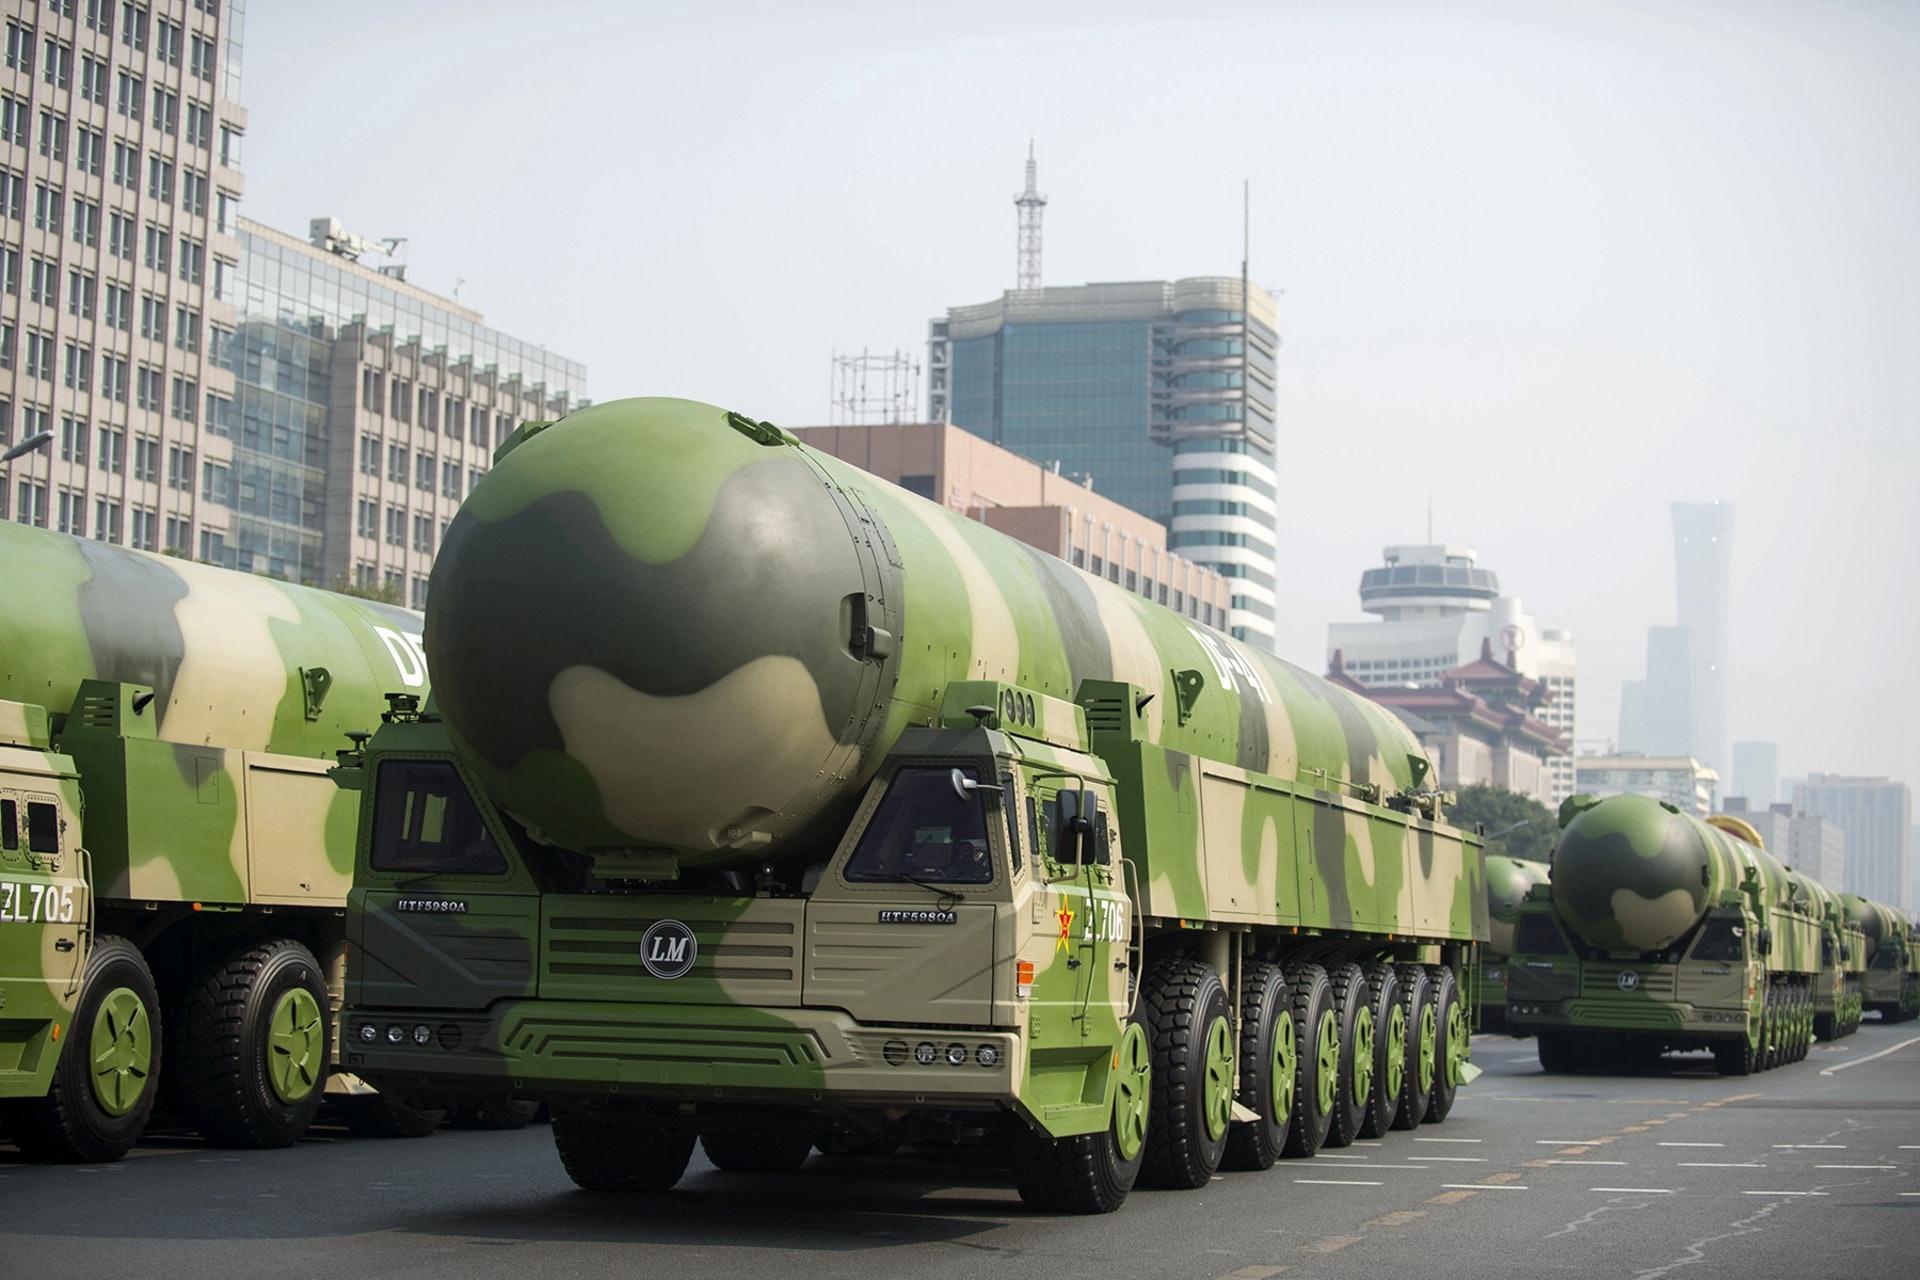 中共建政70周年,北京展示强大军力。图为2019年10月1日阅兵上展示的东风-41洲际核导弹。(新华社)